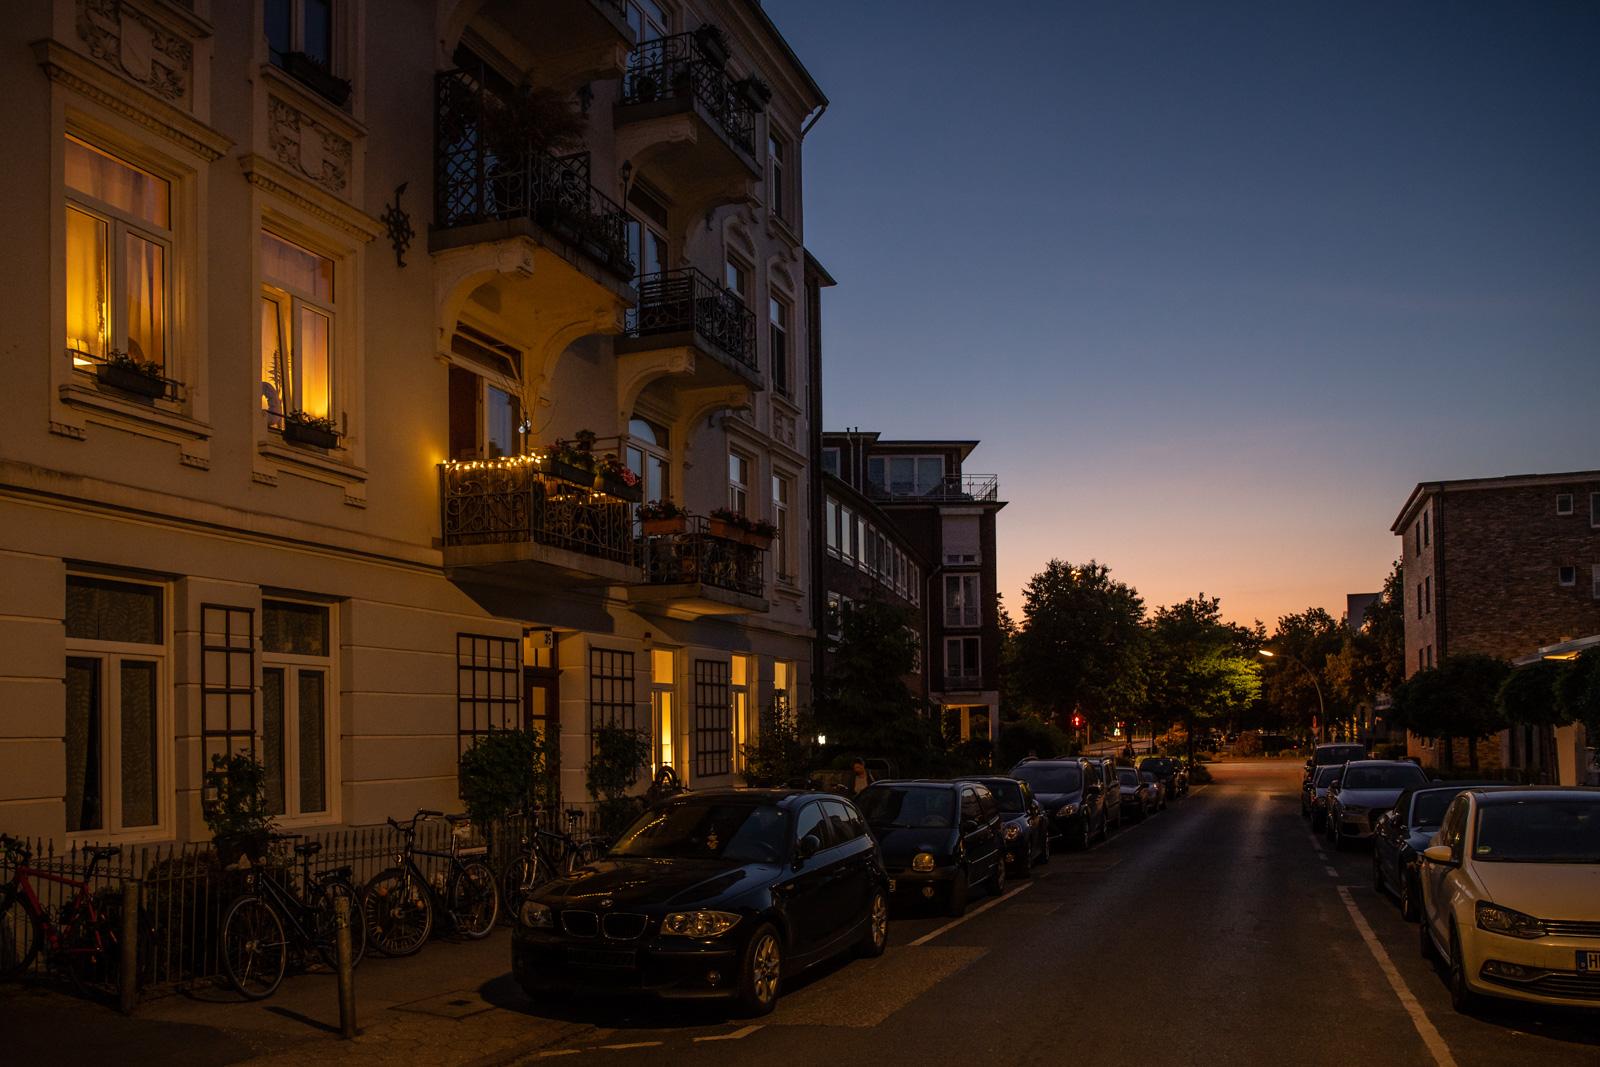 ackermannstraße